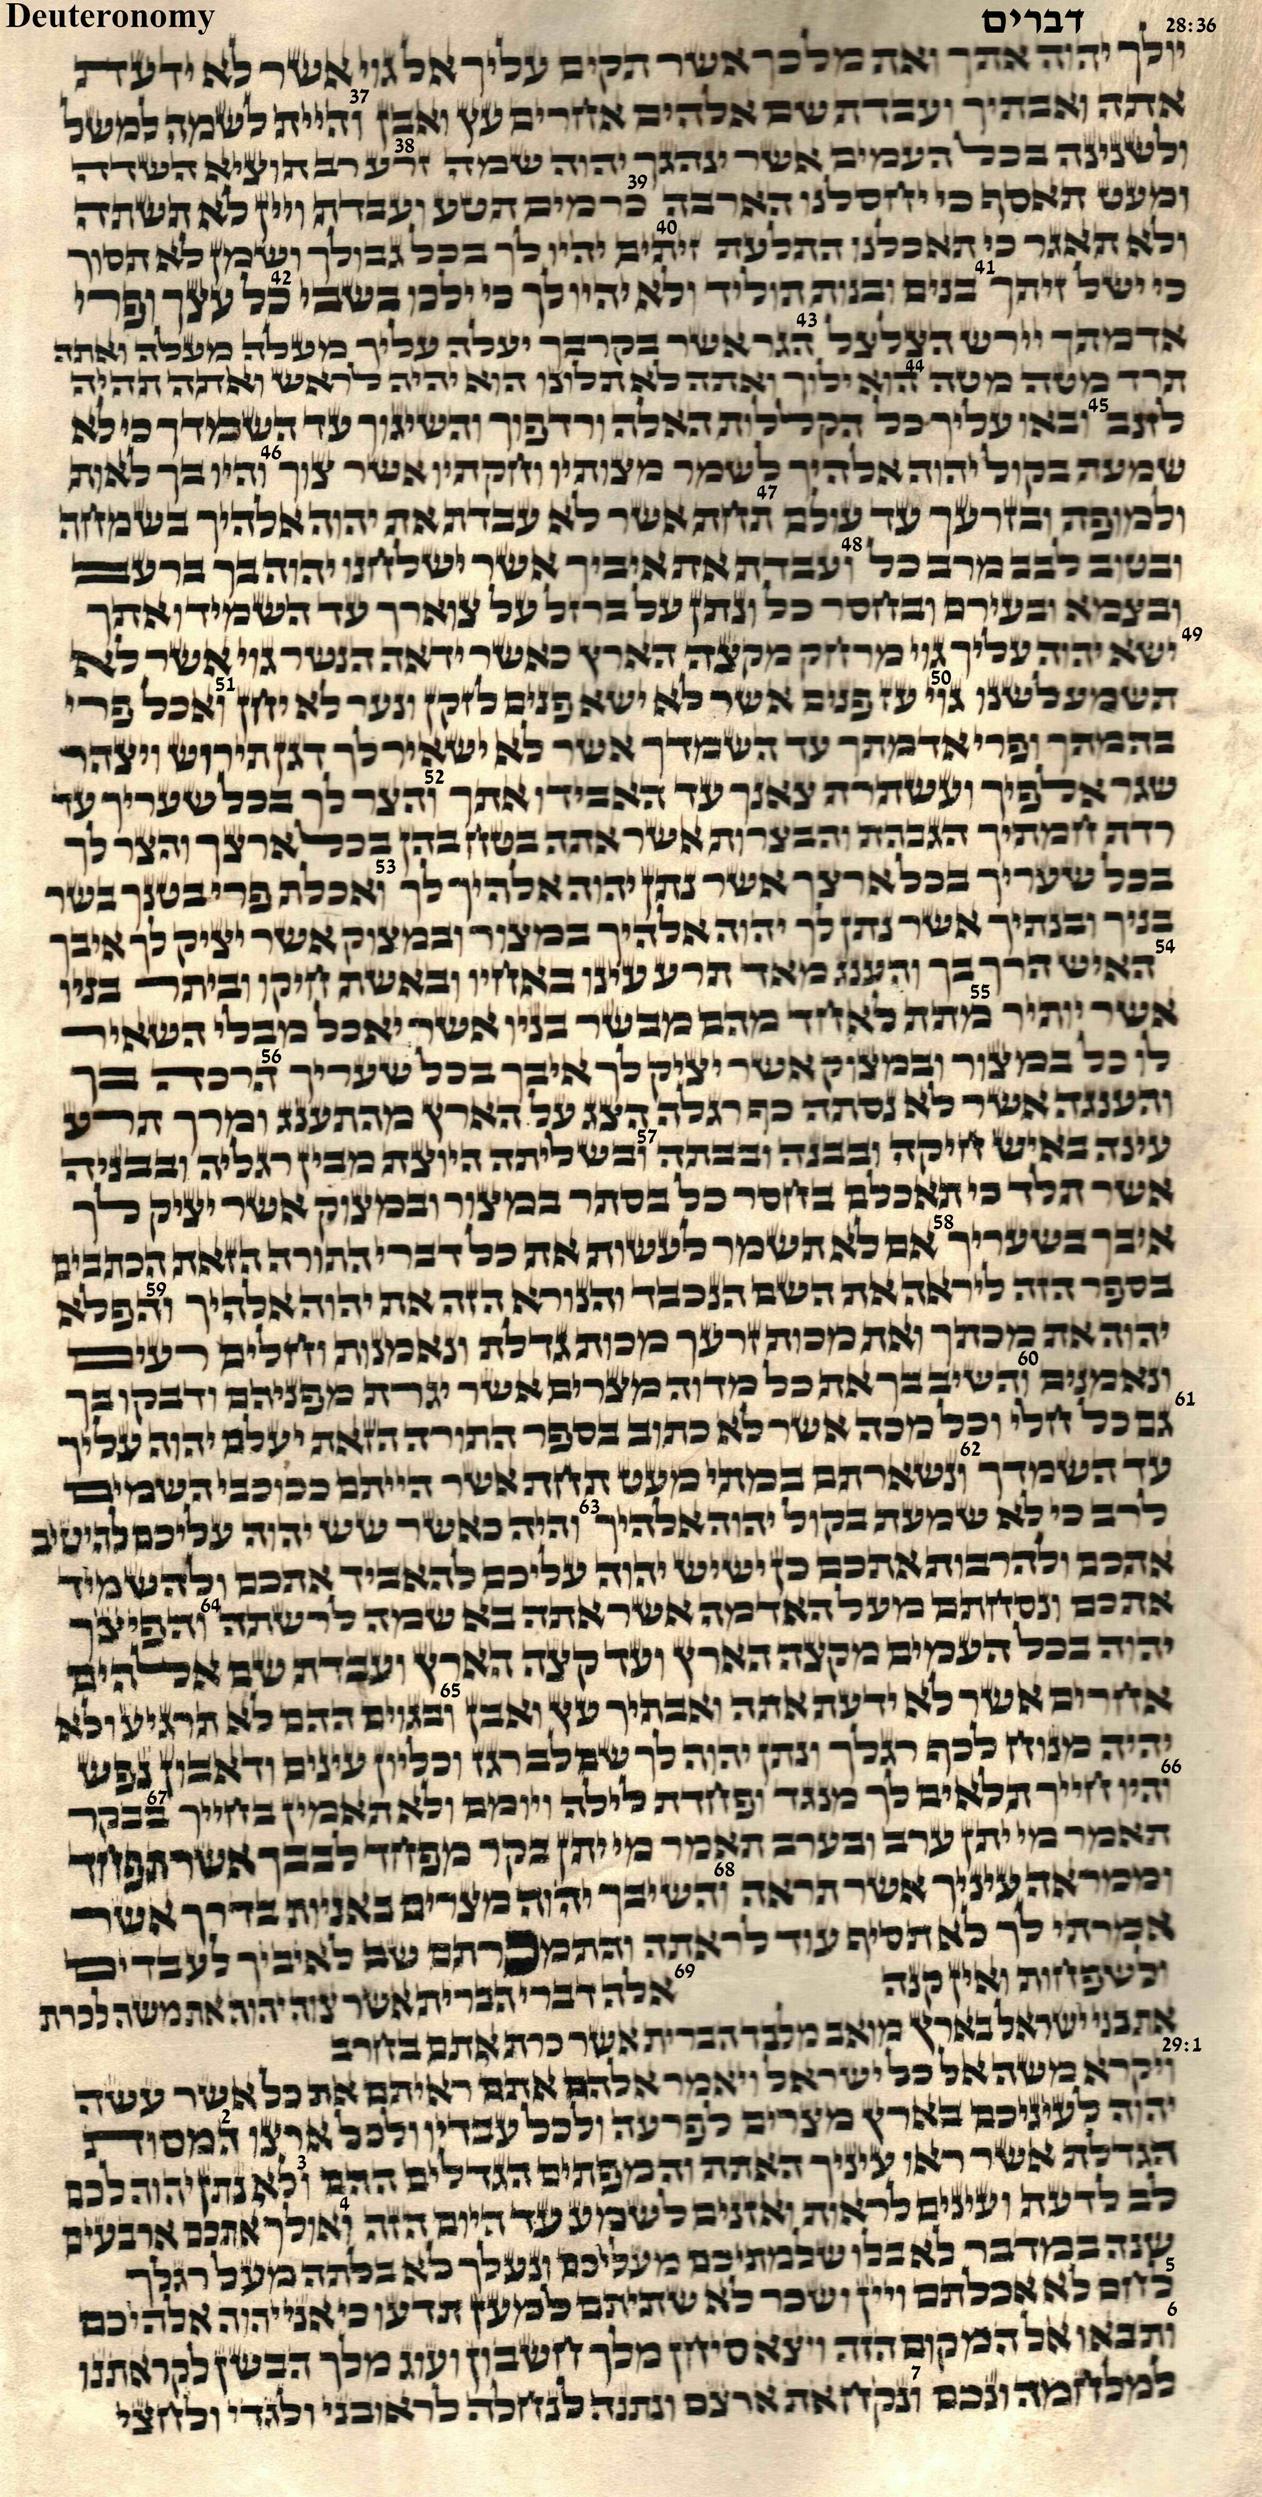 Deuteronomy 28.36 - 29.7